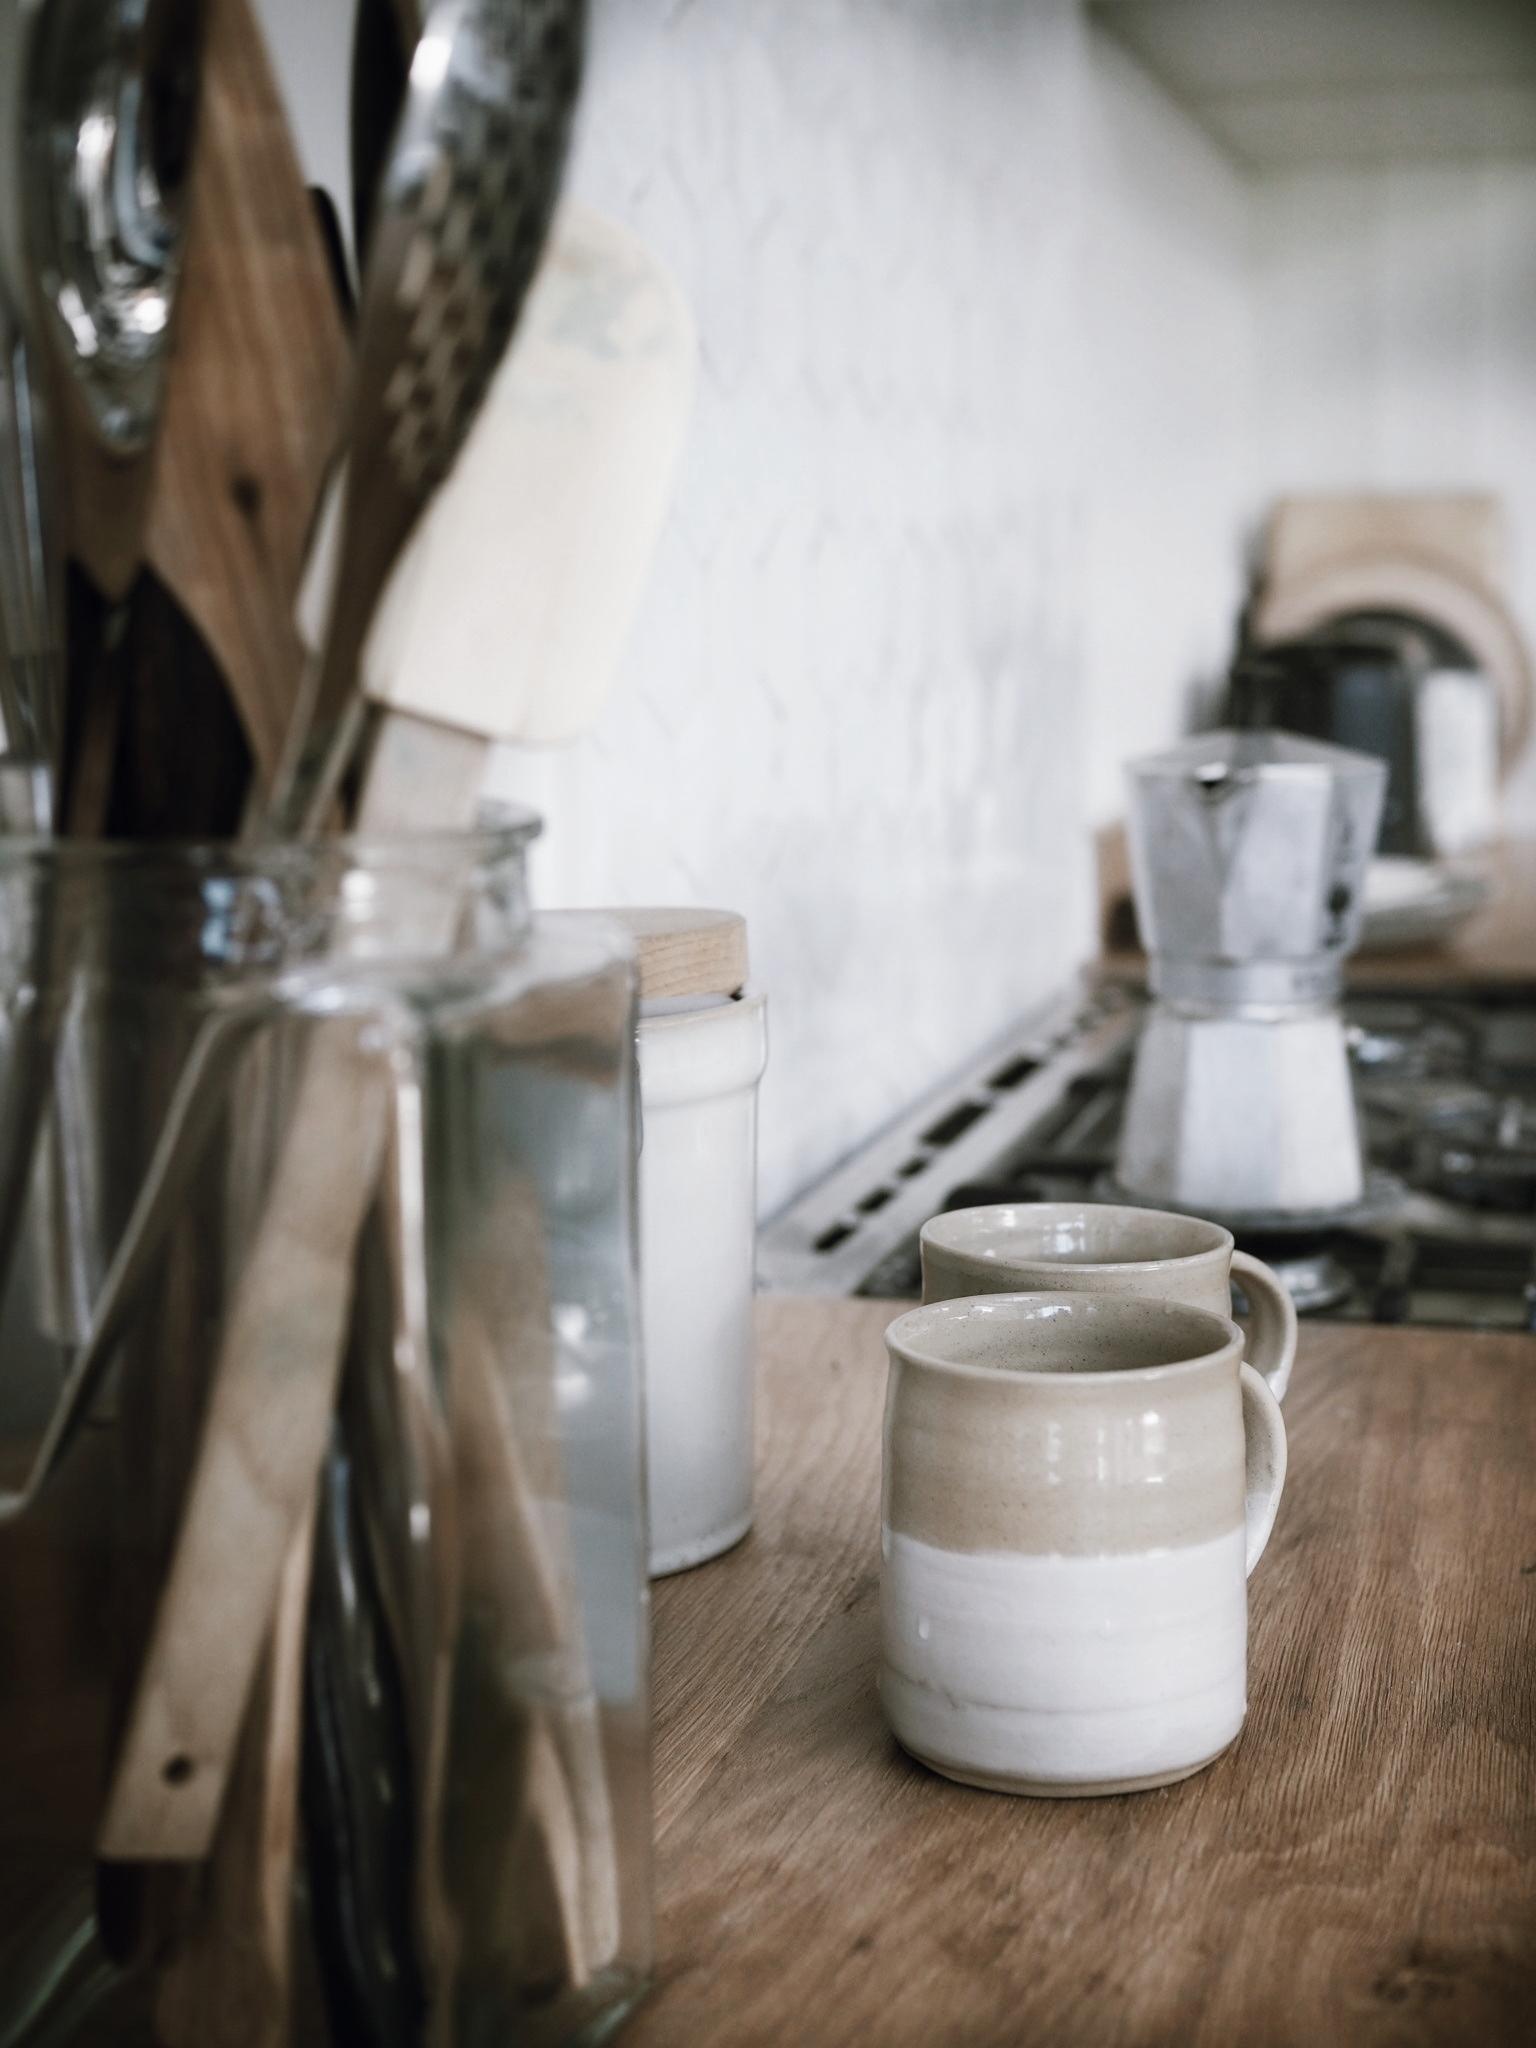 I like gorgeous mugs and I cannot lie….